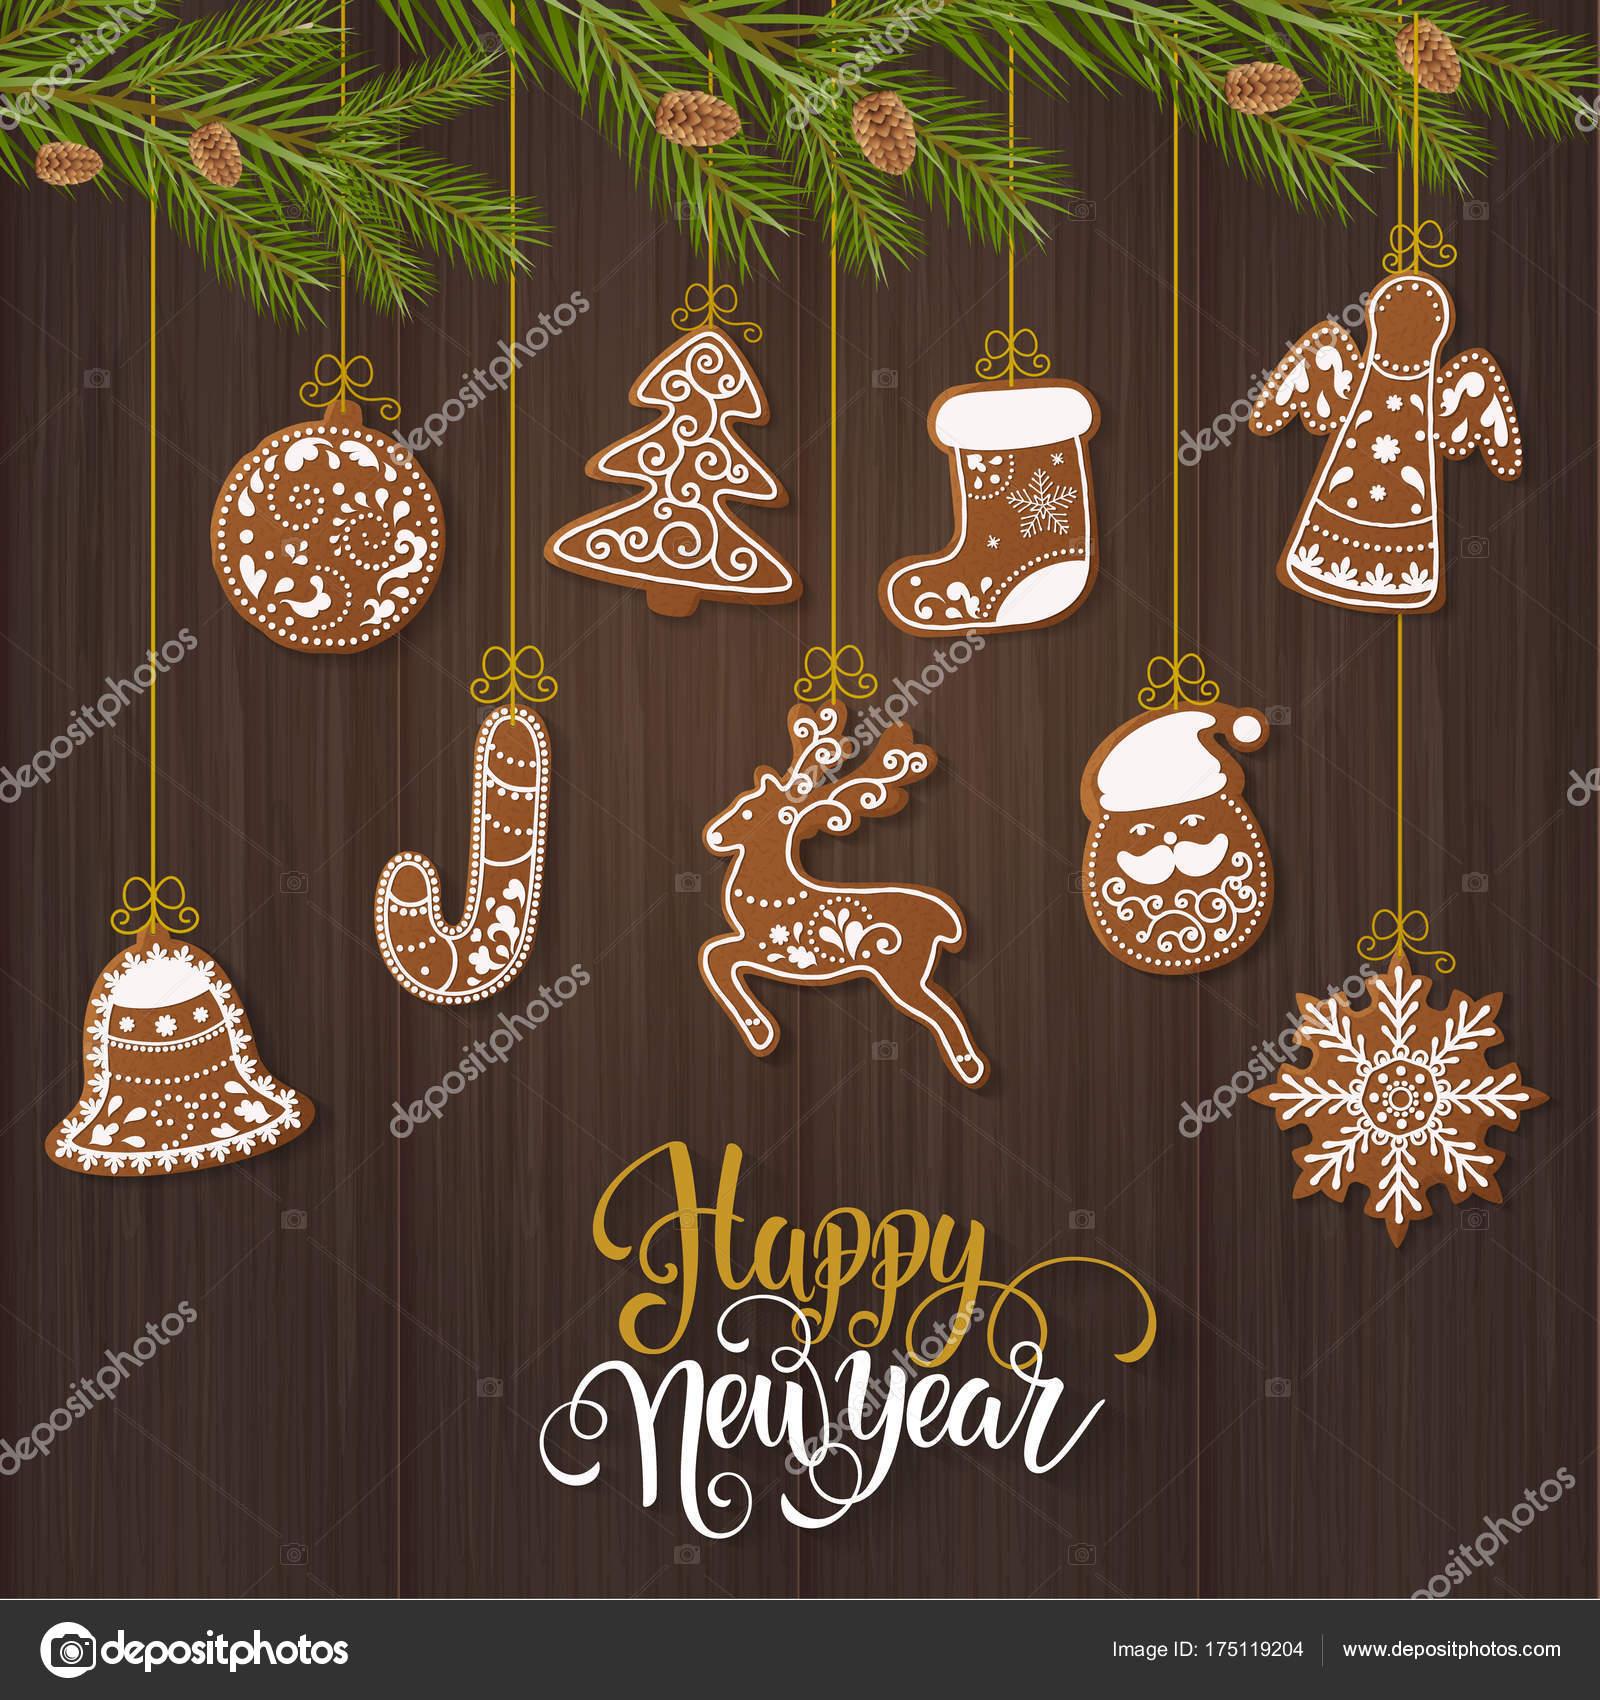 Biscotti Decorati Per Albero Di Natale.Insieme Natale Pan Zenzero Biscotti Decorati Albero Natale Fiocchi